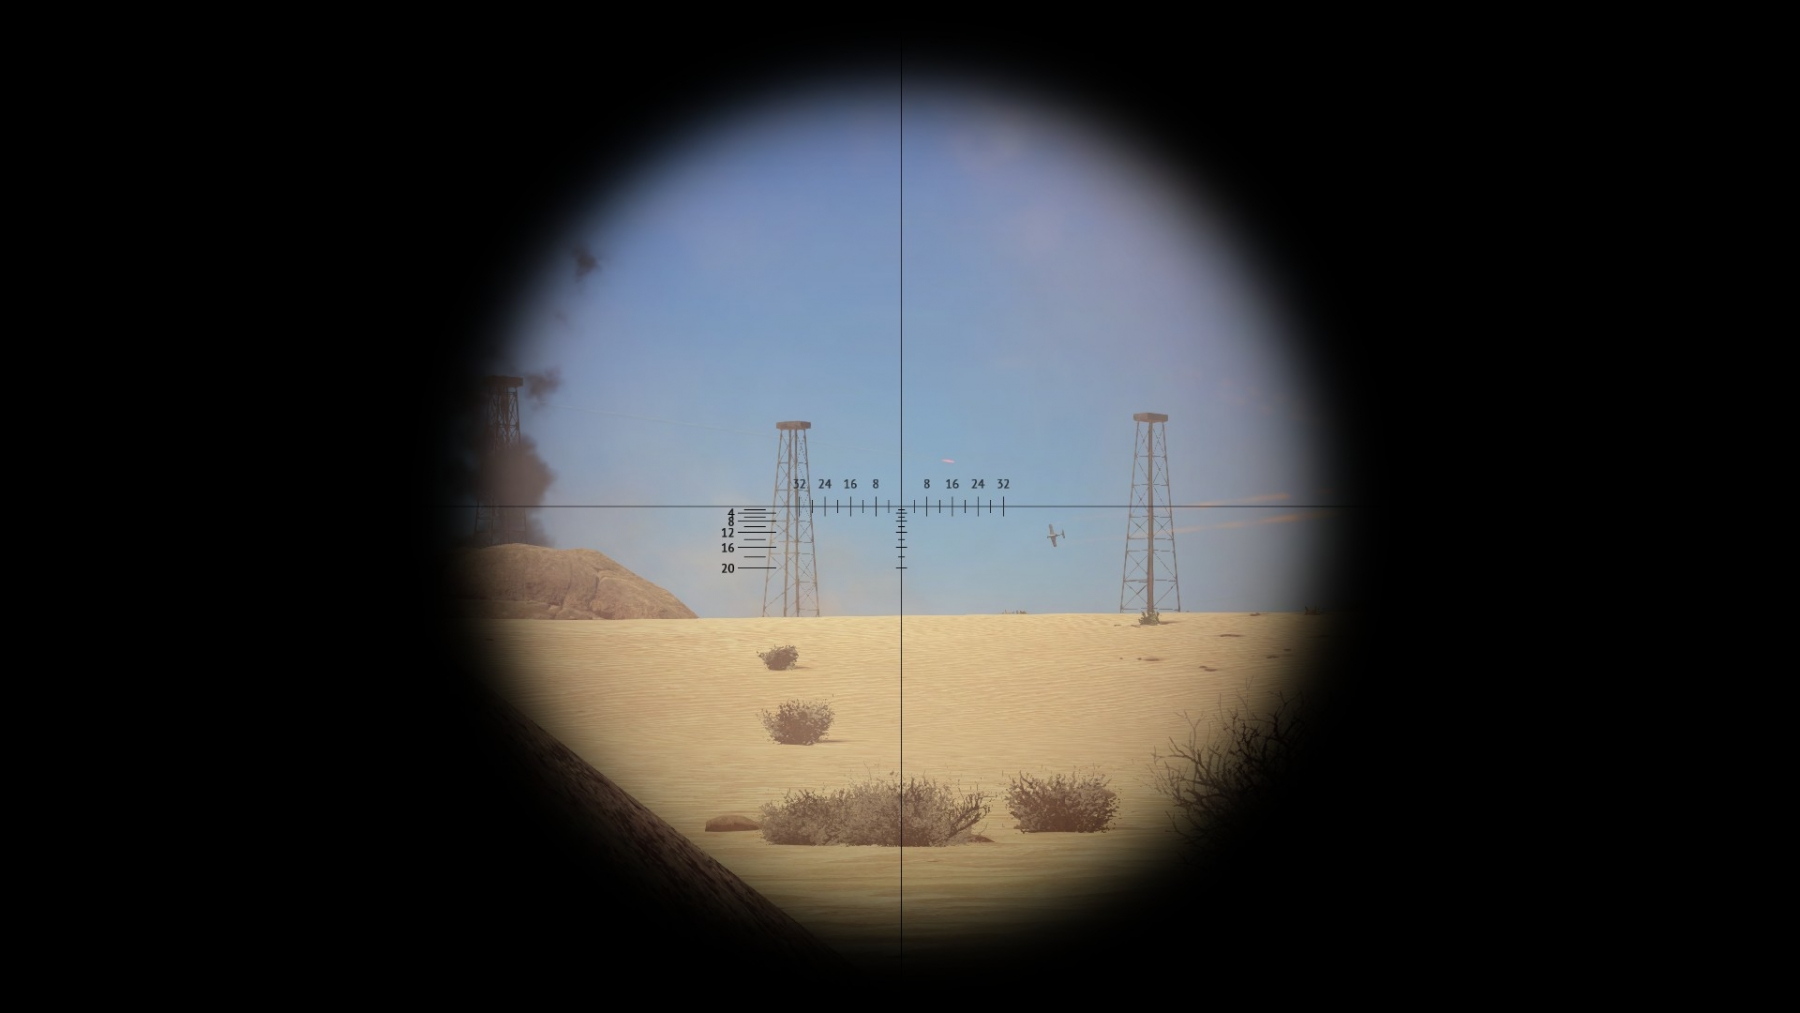 1_shot-2019.05.07-10.25.46